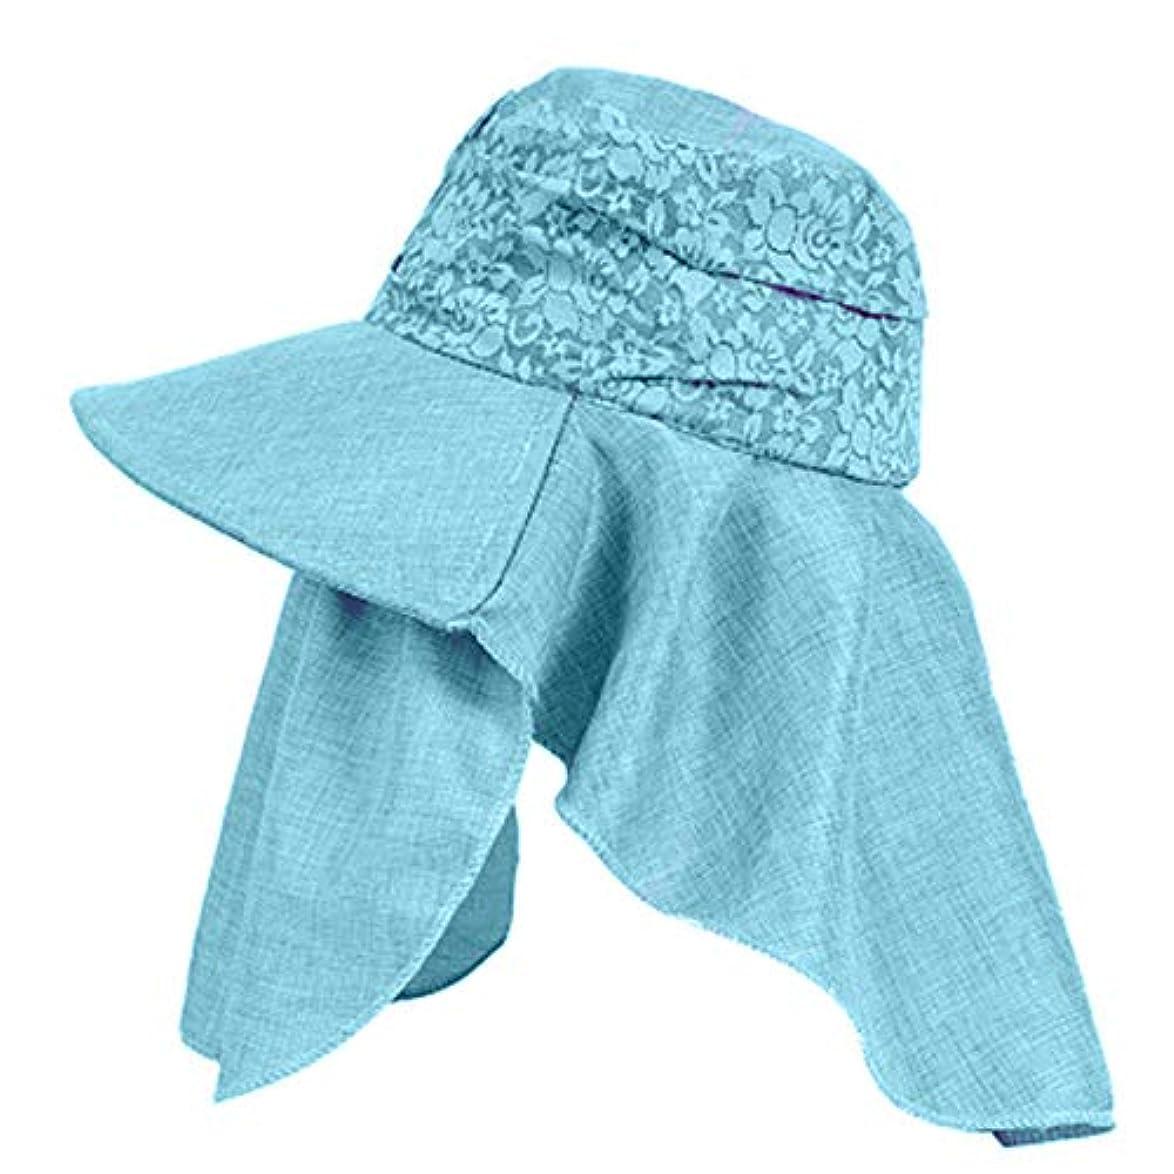 生活暗くするぴかぴかMerssavo 女性の夏の日曜日の帽子、バイザーカバーの表面の反紫色のライン旅行日曜日の帽子、ガーデニング、ハイキング、旅行、1#